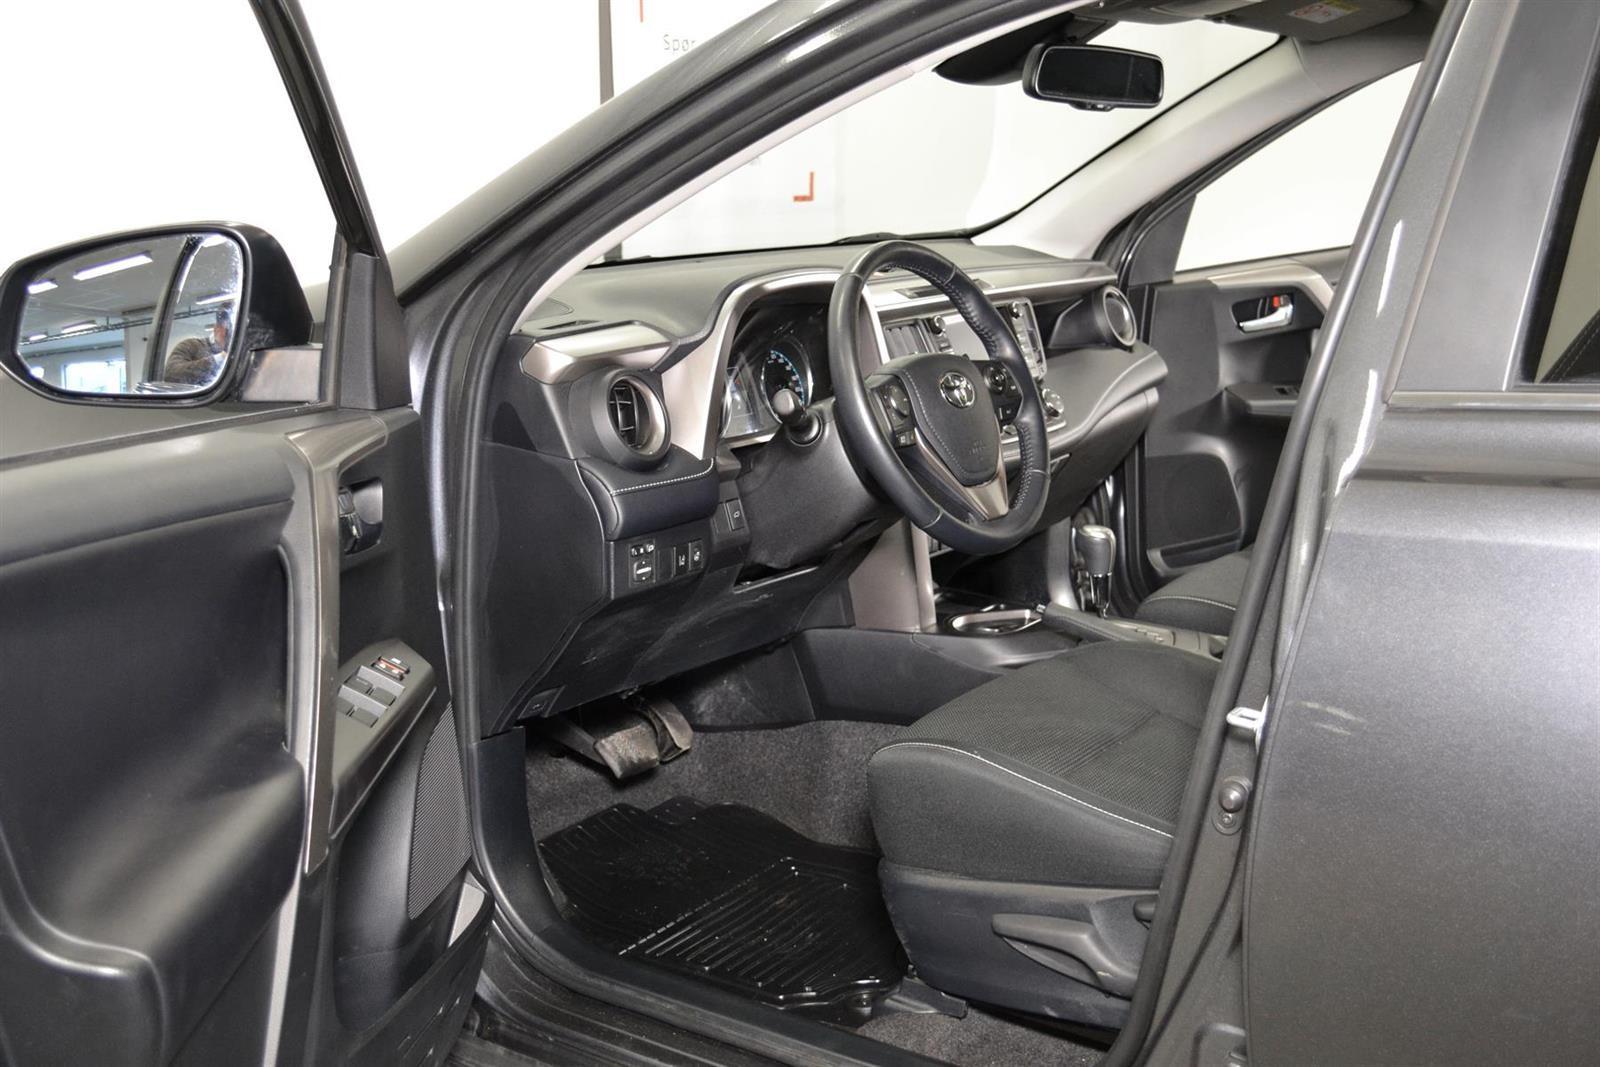 Toyota RAV4 Slide 14